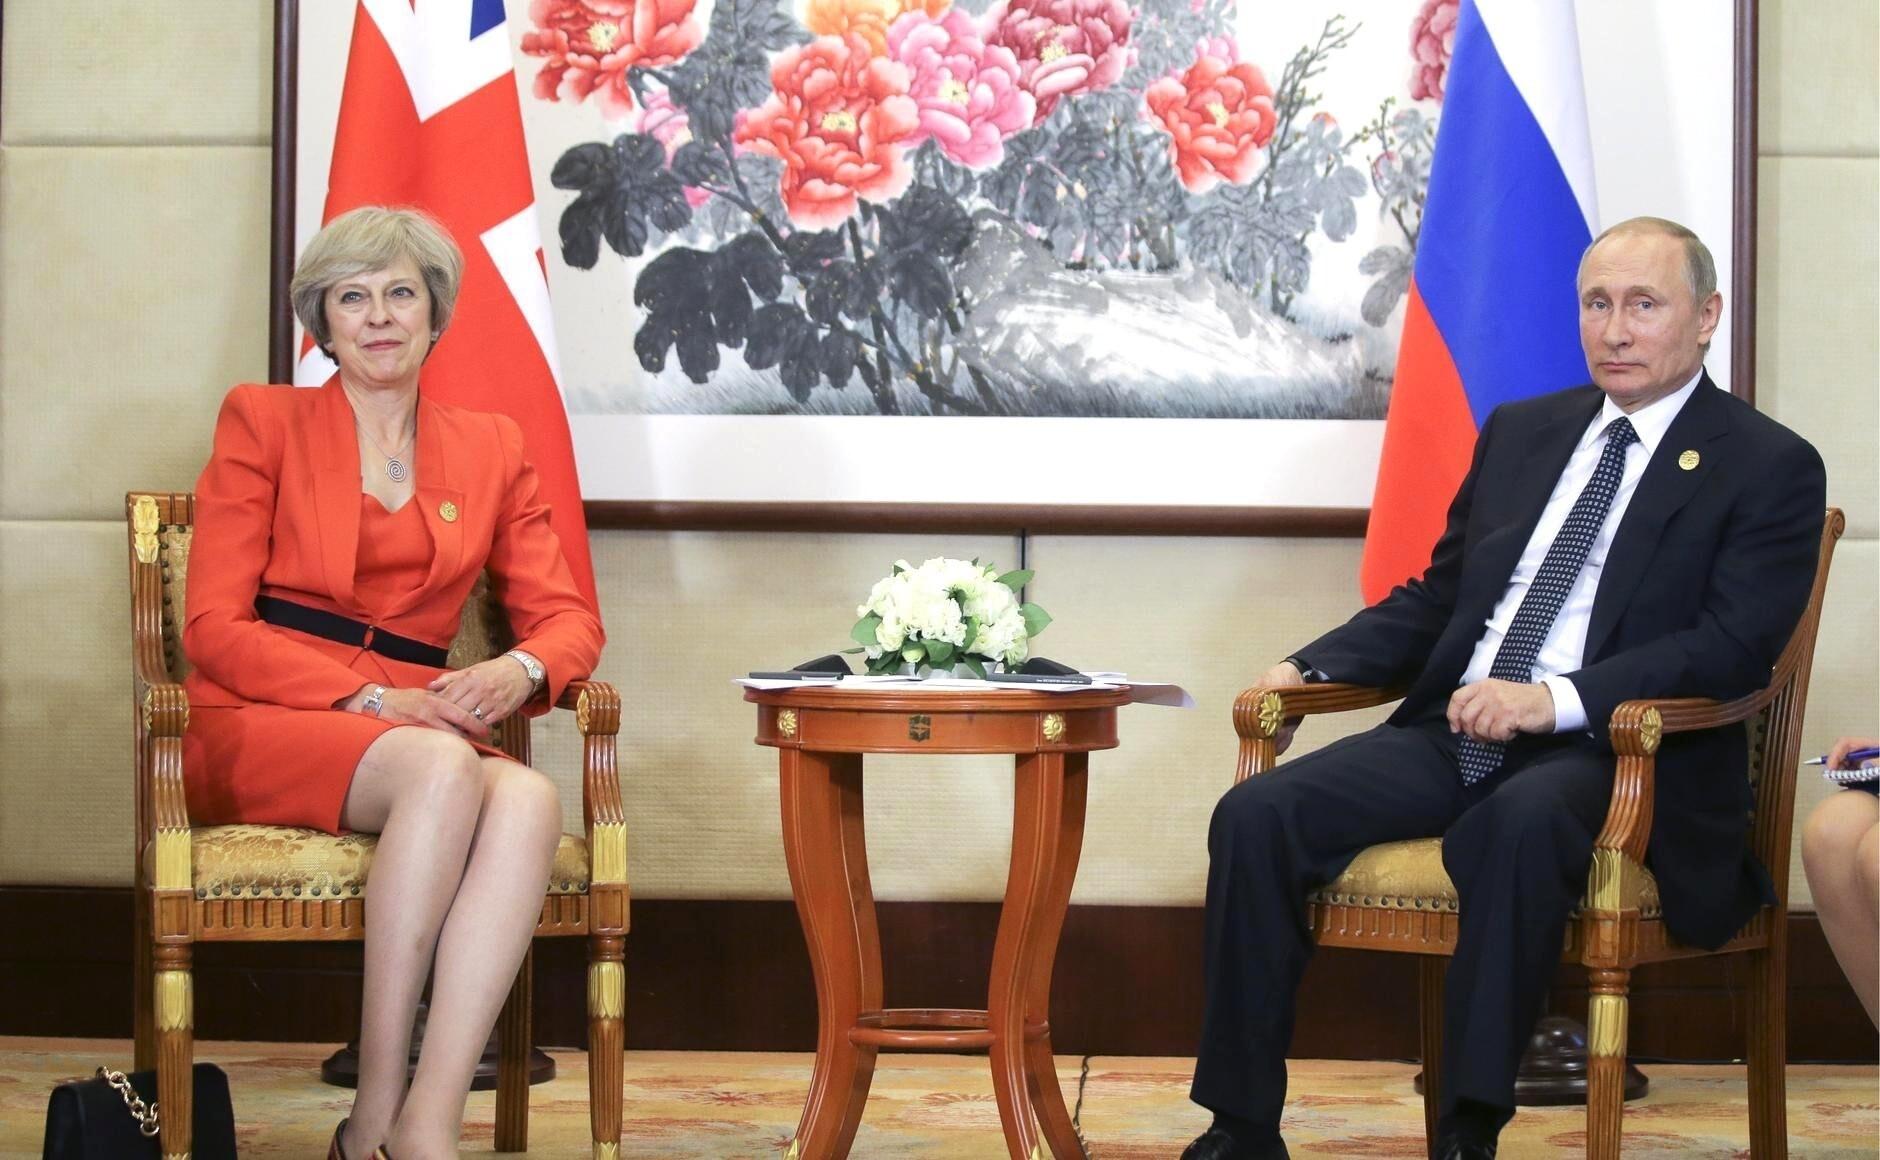 Цепочка событий: Как отравление Сергея Скрипаля привело к новому кризису отношений России и Британии